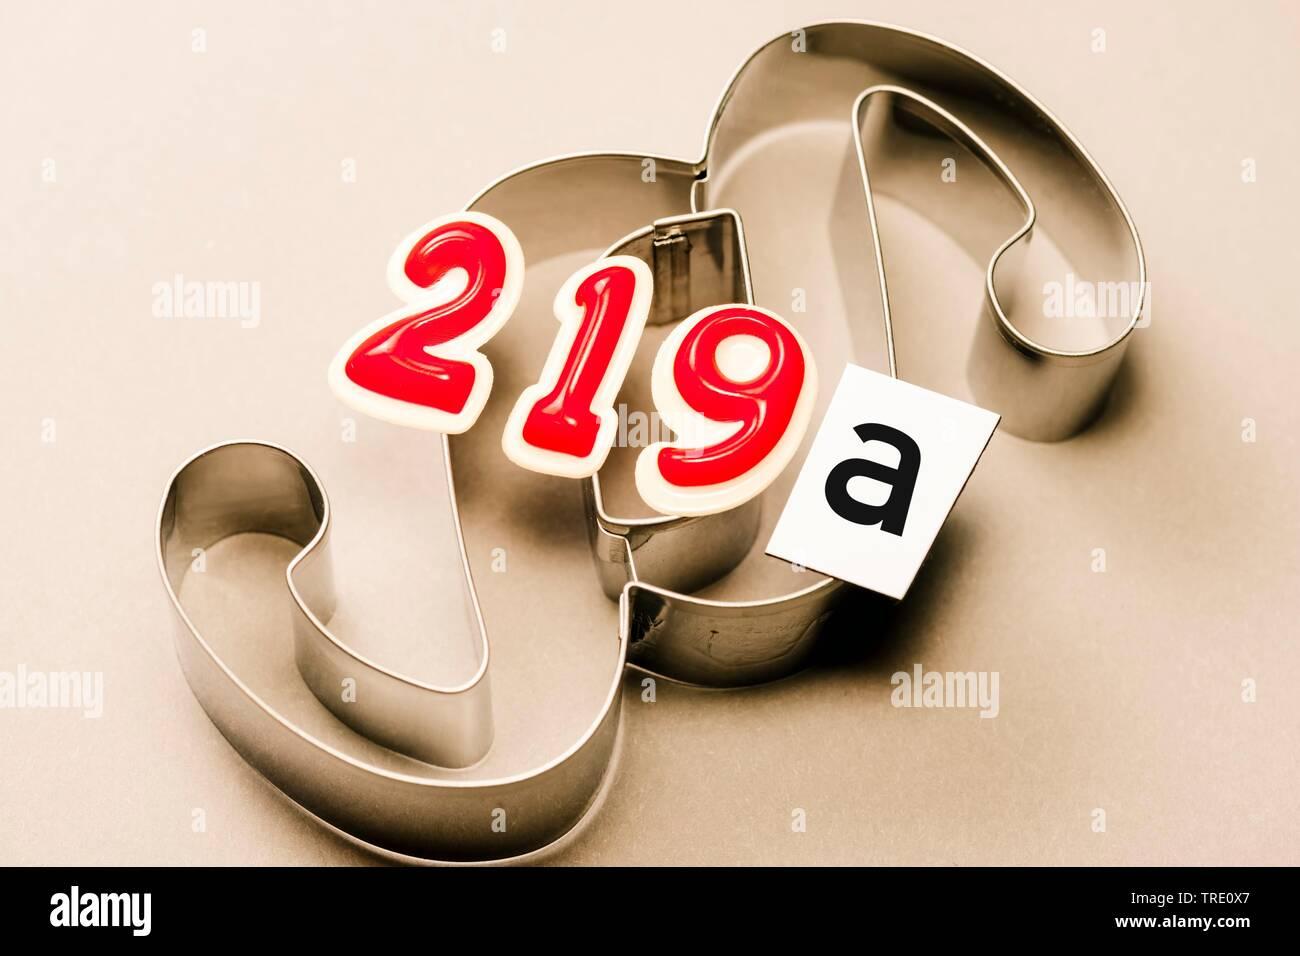 Symbolbild fuer den Paragraph § 219a - Werbung fuer den Abbruch der Schwangerschaft | Symbol for paragraph § 219a of the German criminal code - Advert - Stock Image